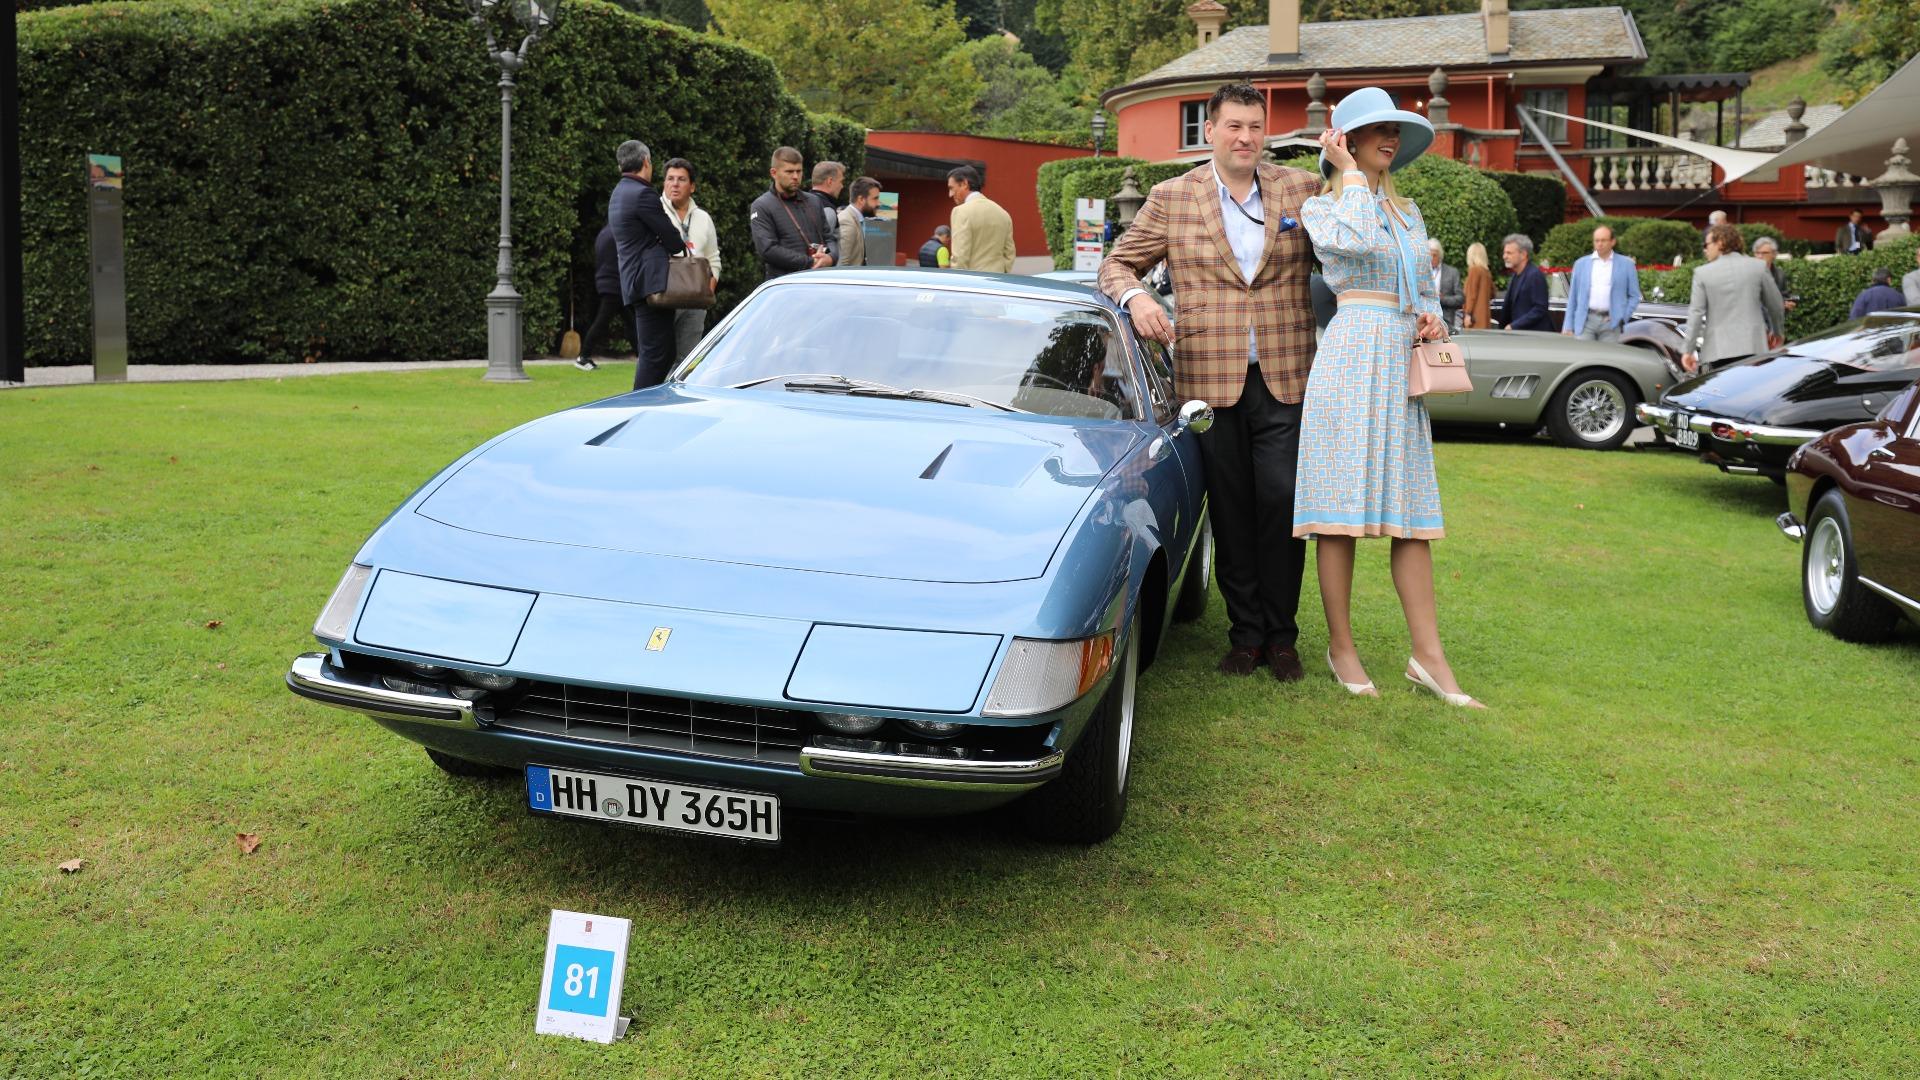 Har man først en utsøkt 1973 Ferrari 365 GTB/4 (gjerne kalt «Daytona»), så bør man kle seg deretter.